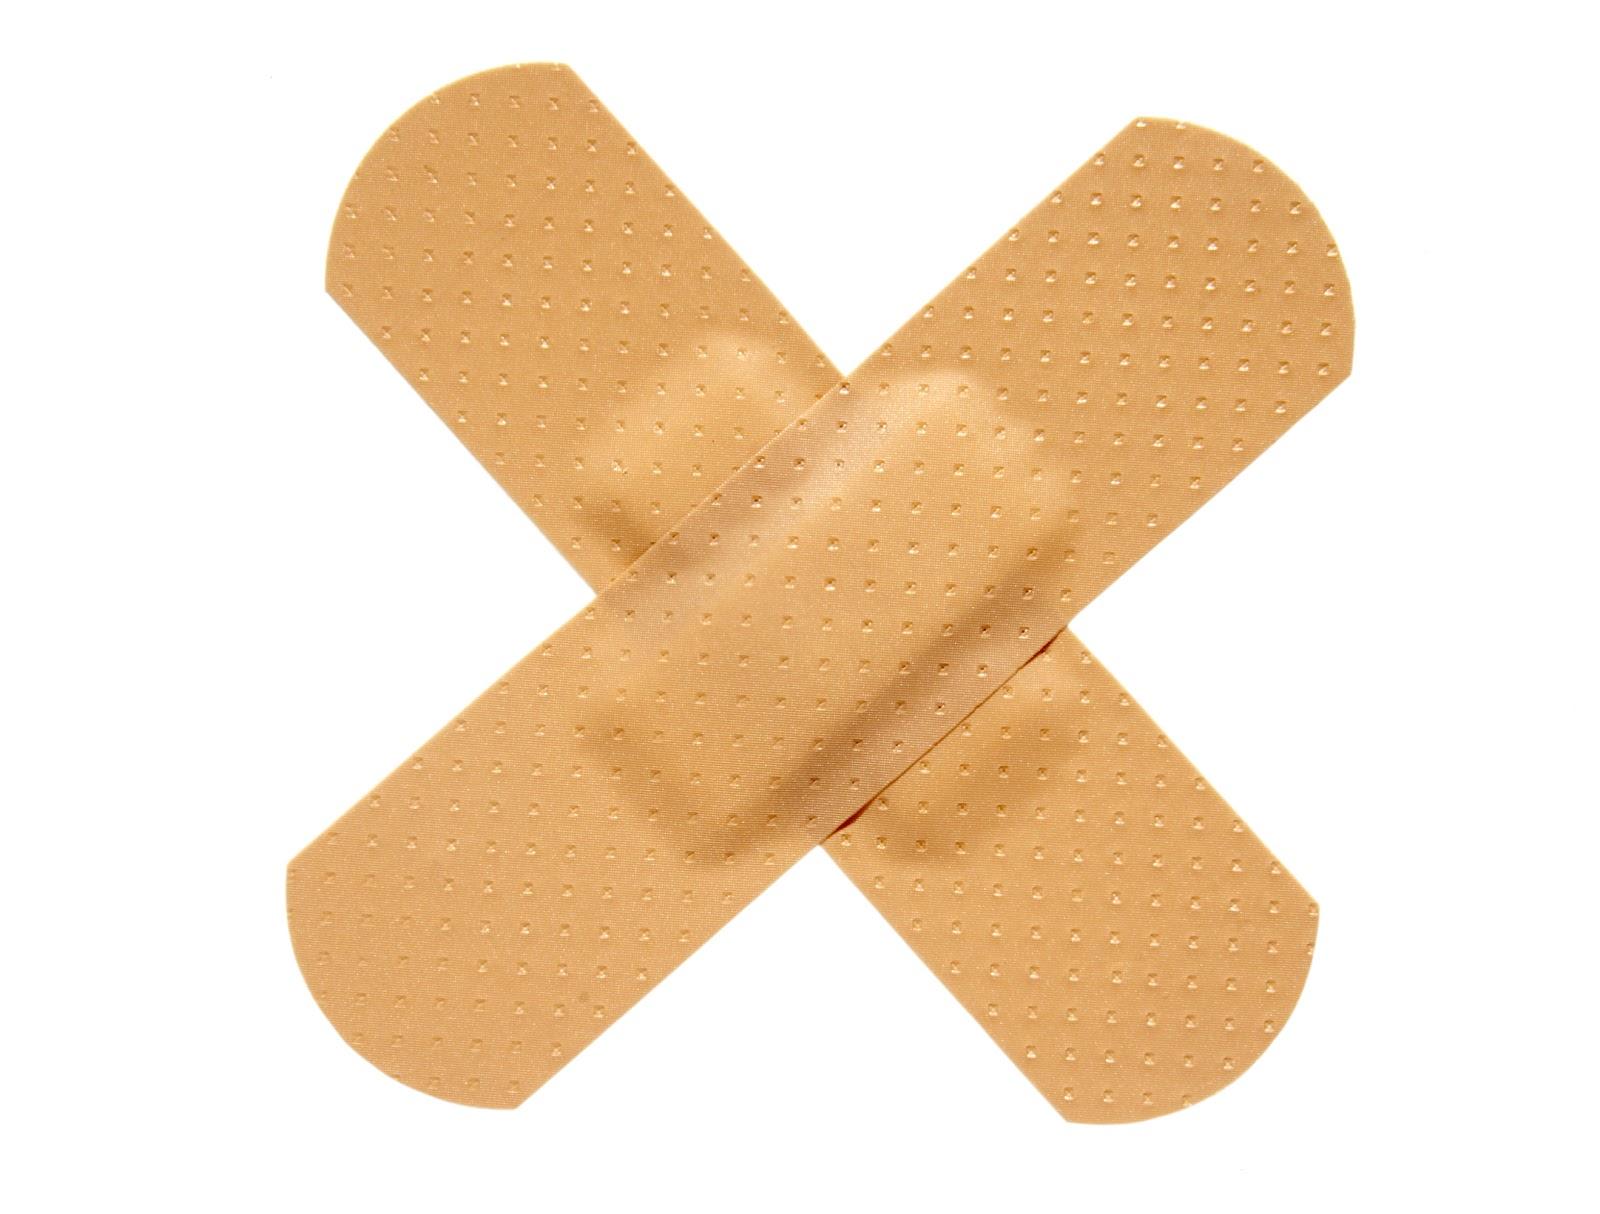 1600x1214 Bandaid Band Aid Clip Art Clipart 2